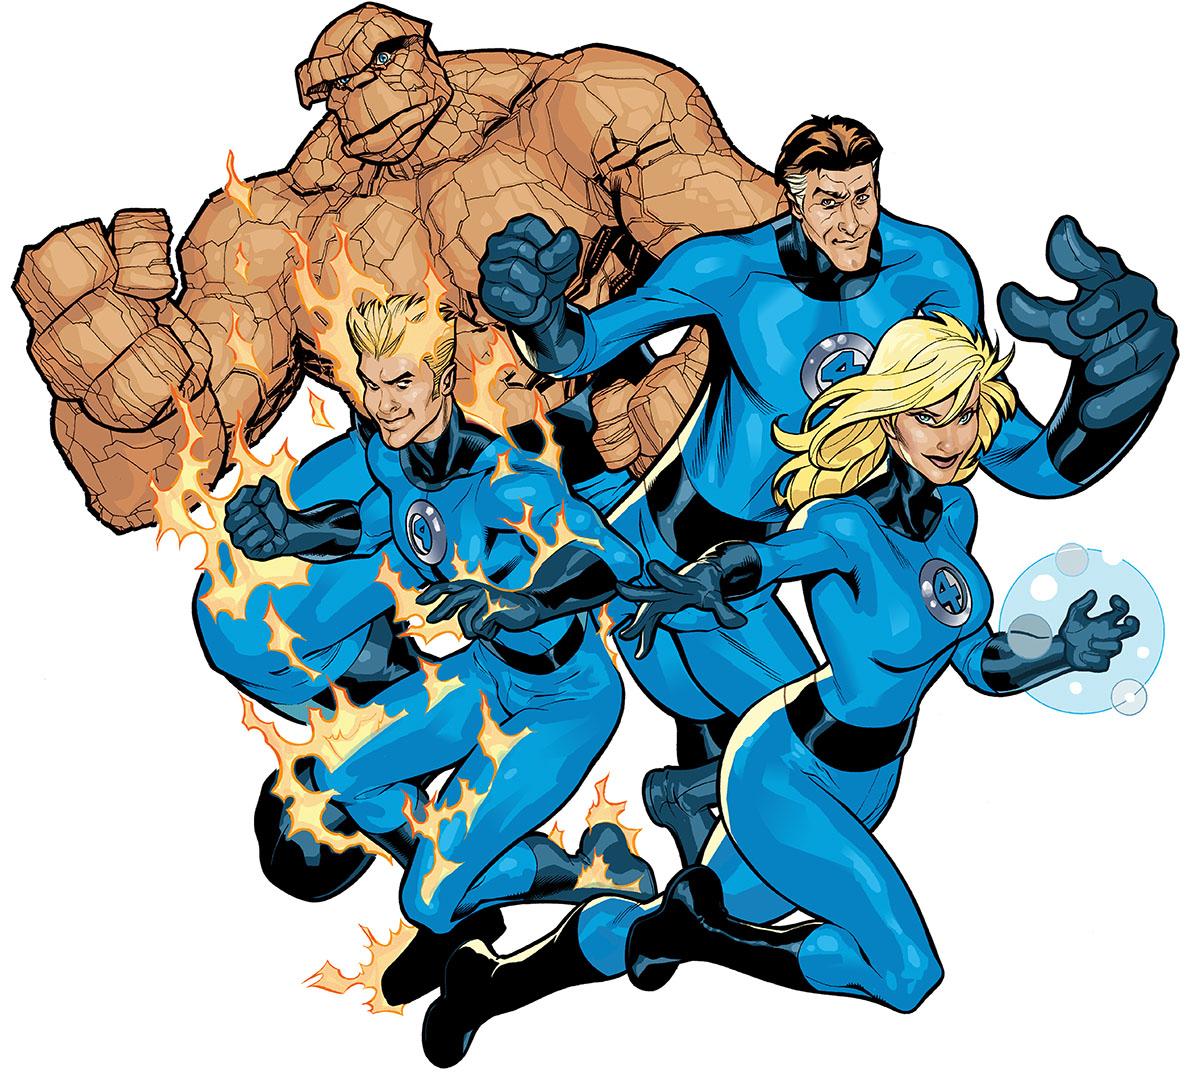 Art Of Comics And Manga: Super Heroes: Fantastic Four